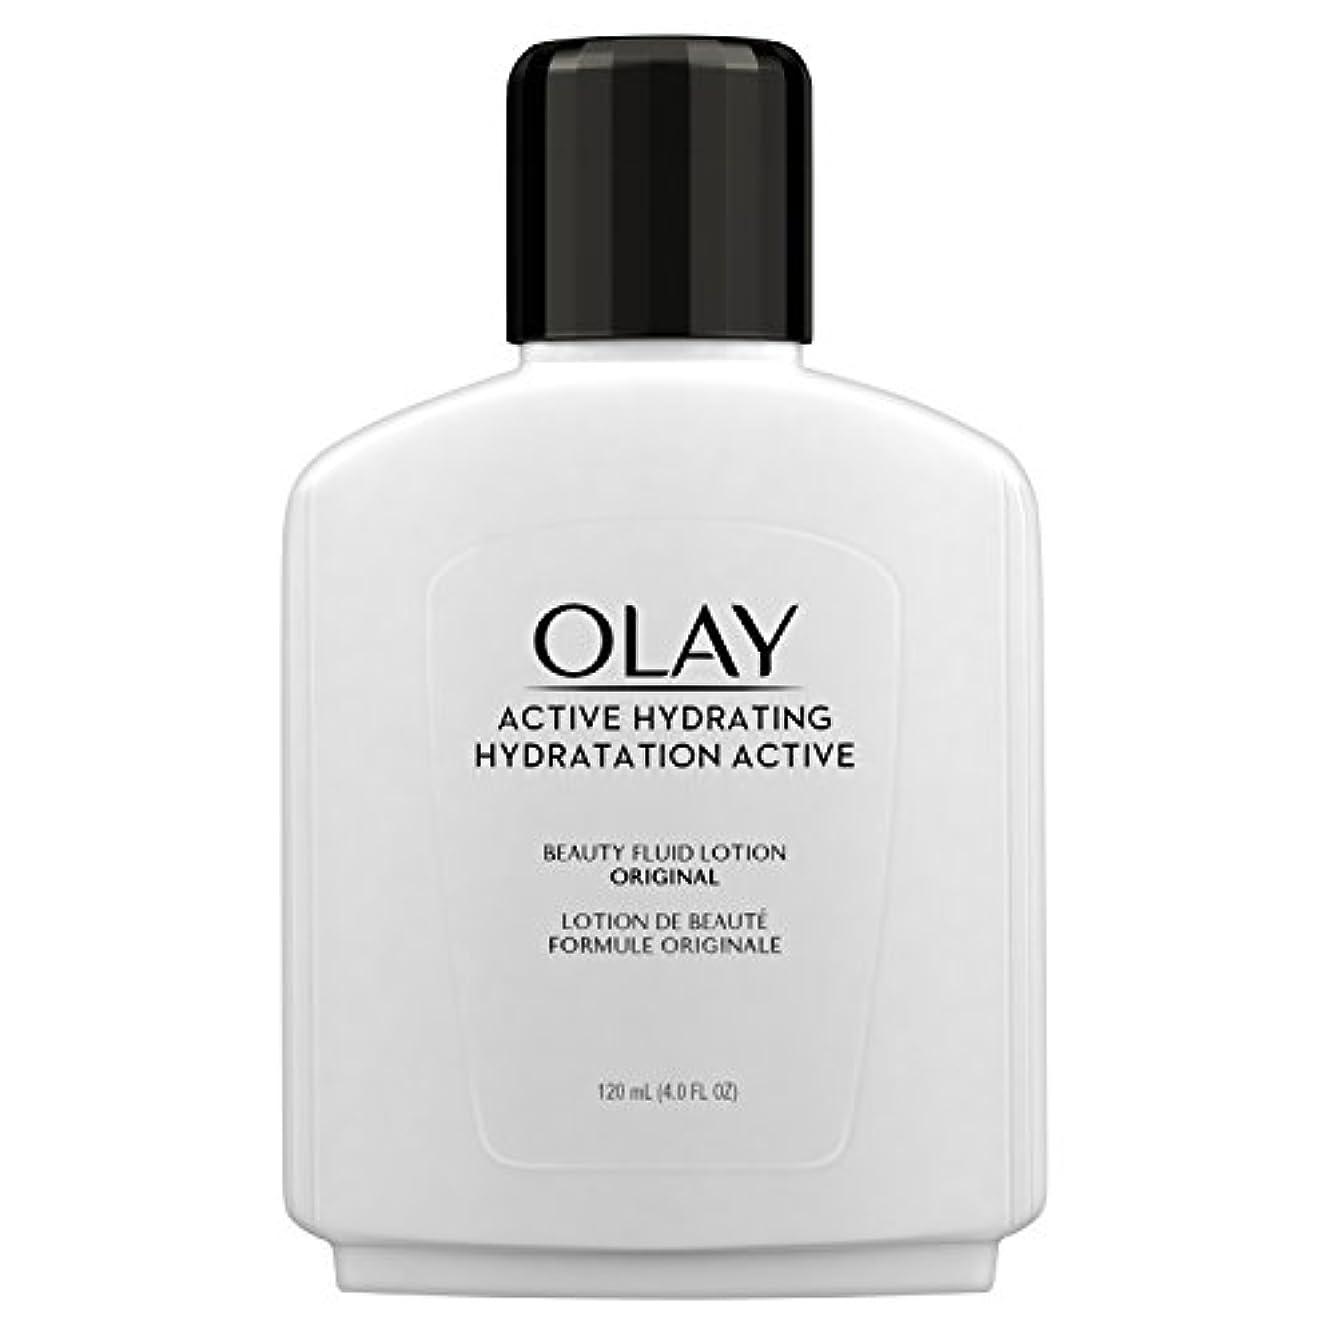 汚染されたかなりの降臨Olay Active Hydrating Beauty Fluid Original 120 ml Moisturizer for Women by Olay